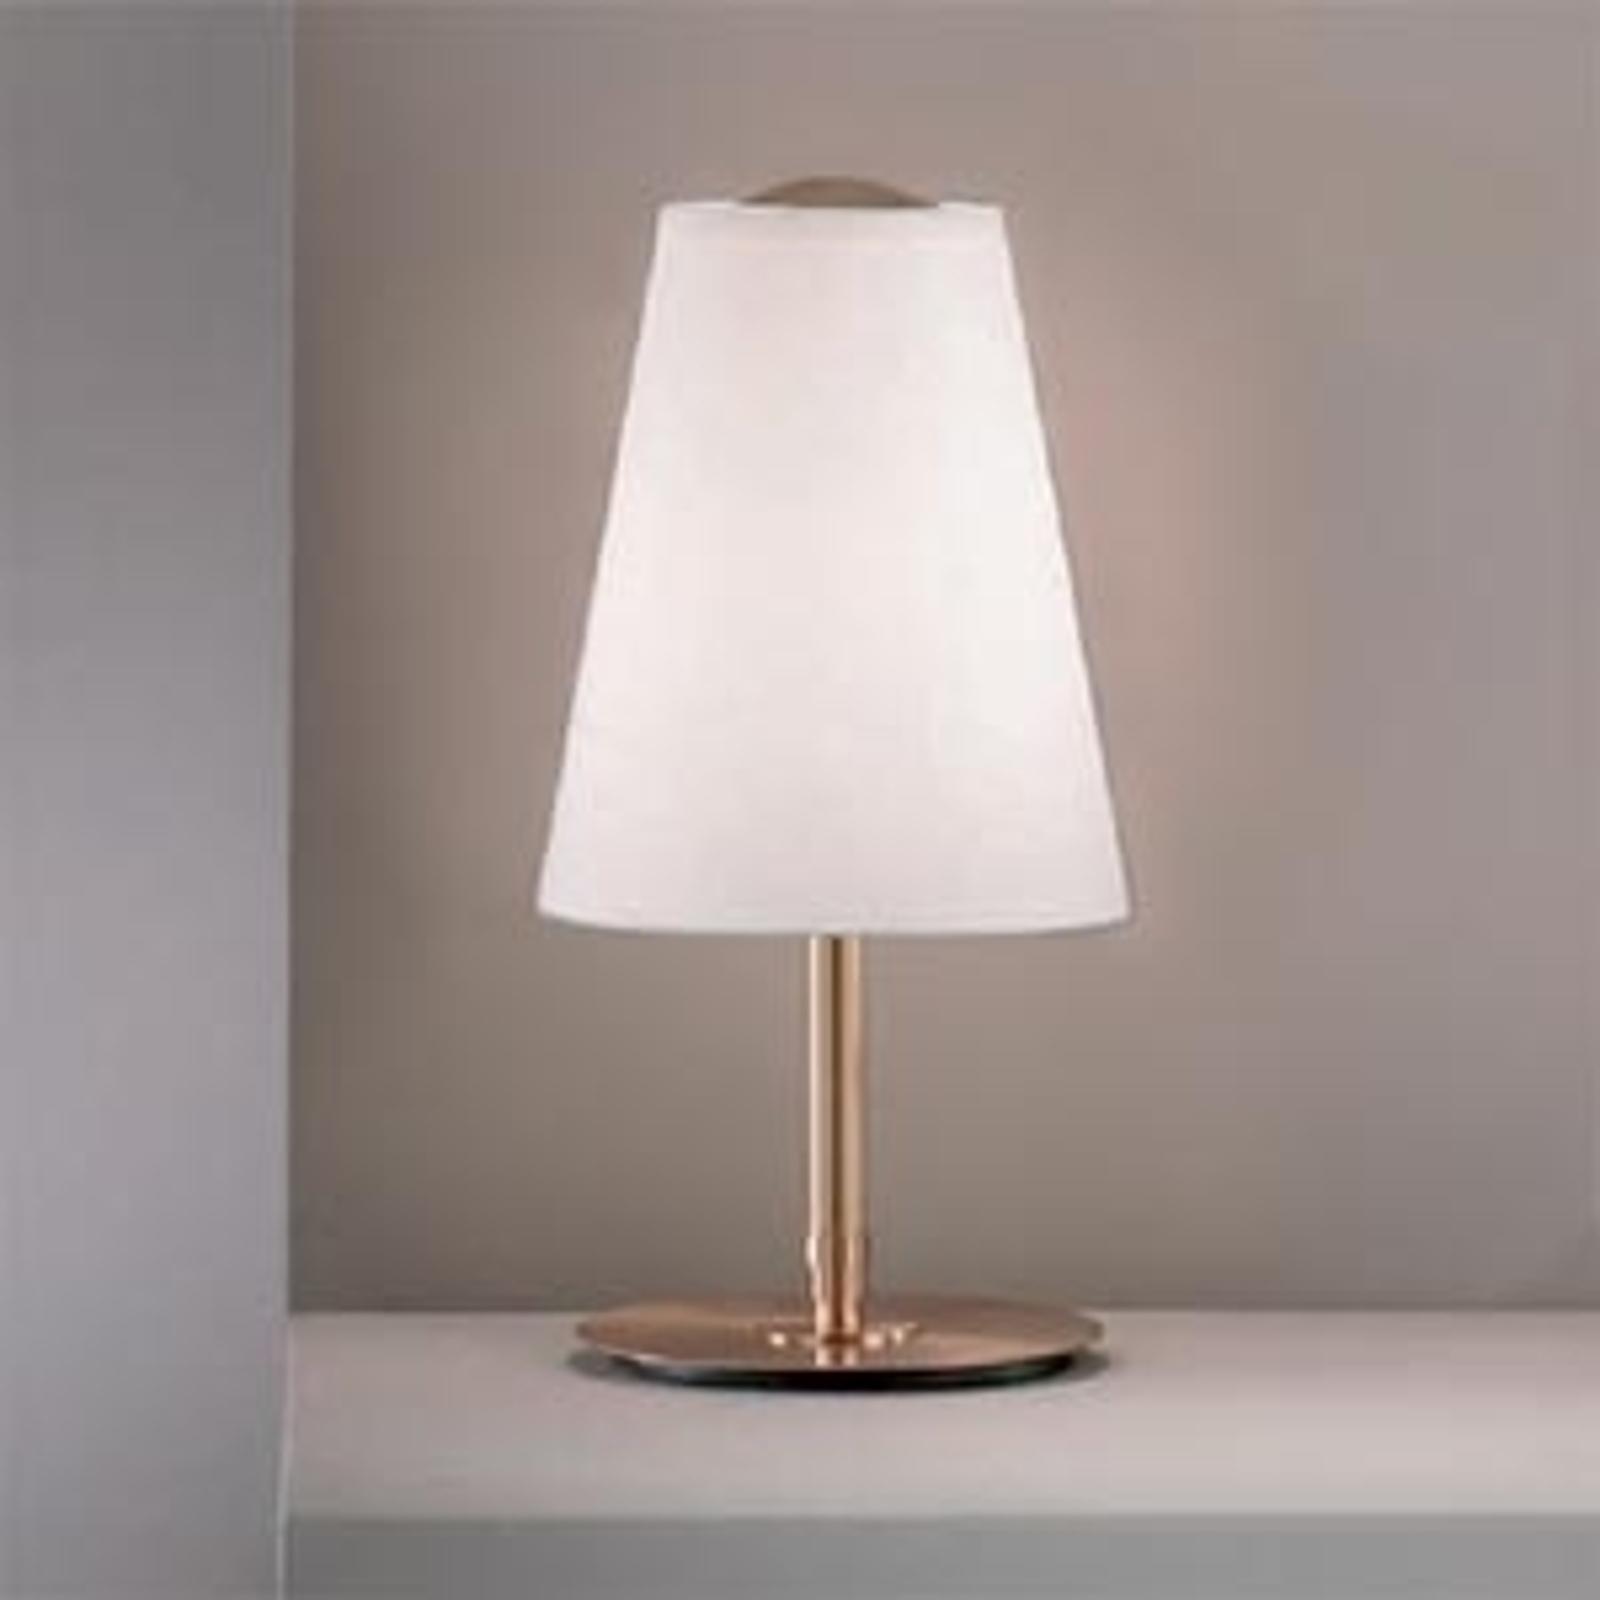 Clemo-pöytälamppu, korkeus 38 cm, kulta